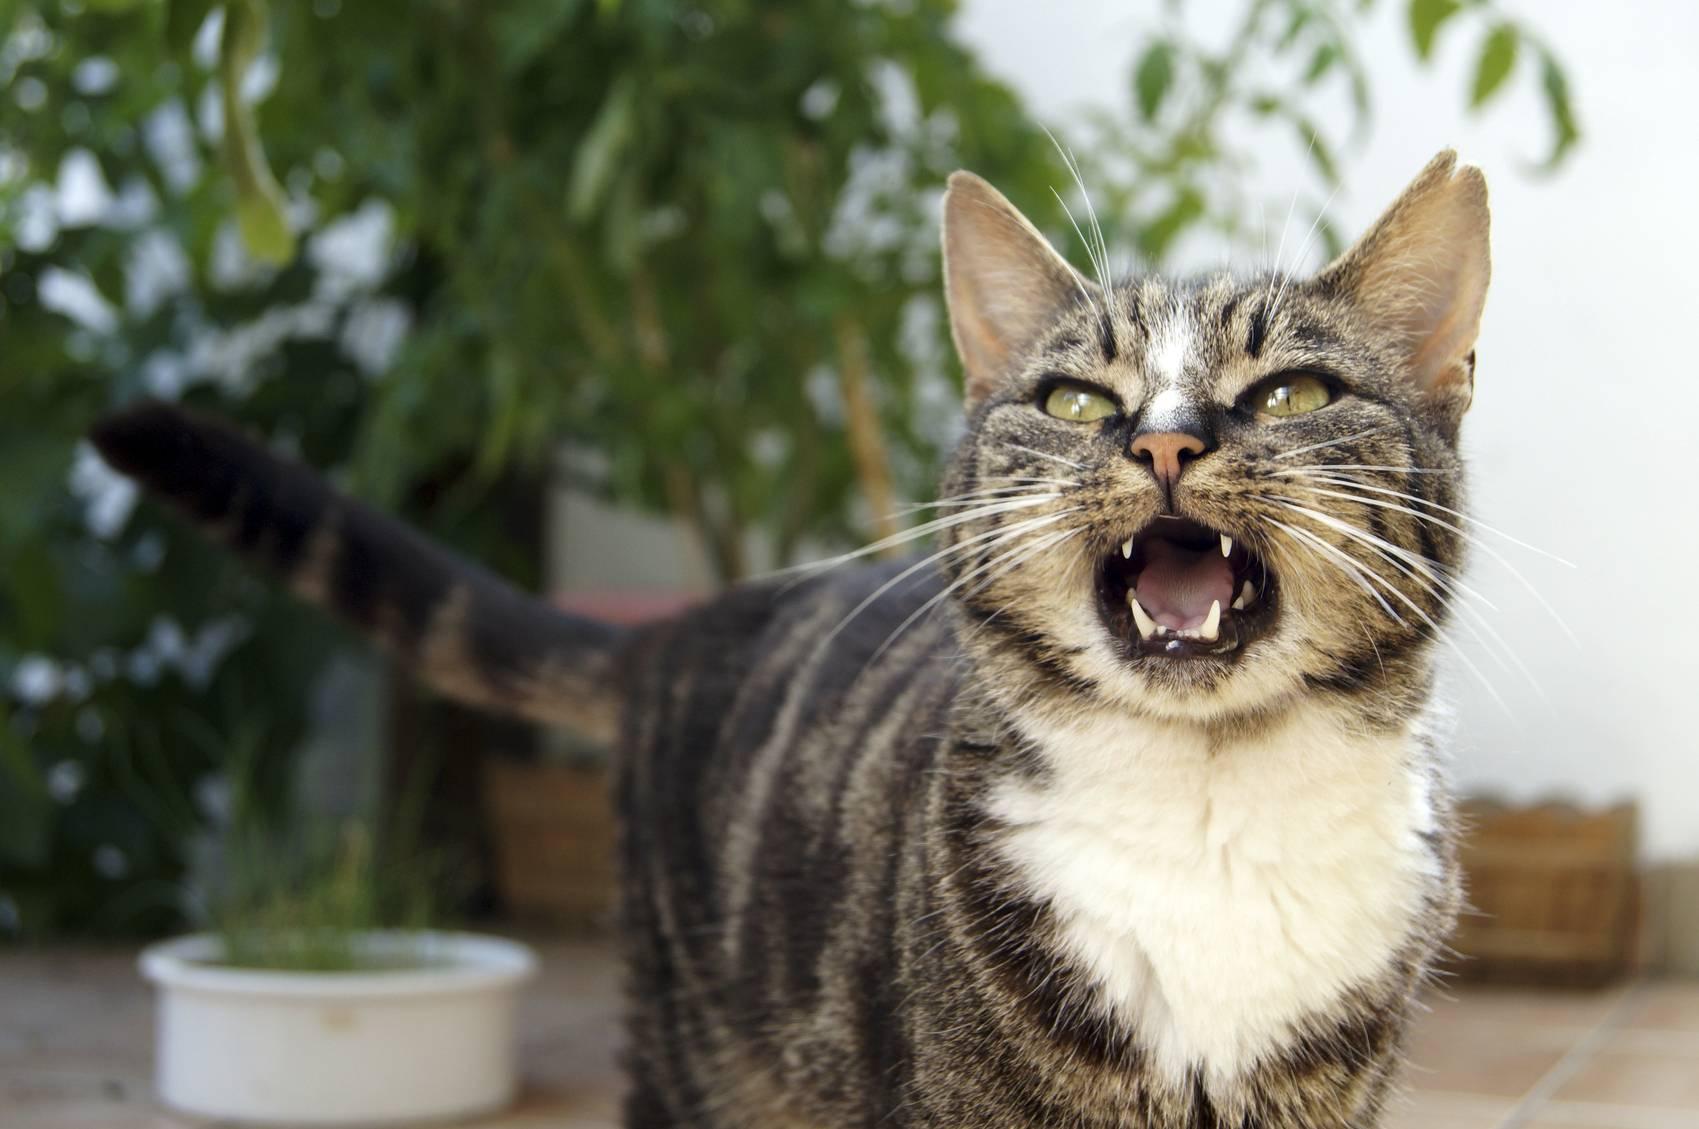 Почему кот или кошка постоянно мяукает, причины такого поведения у взрослых животных и котят, что делать, если ходят по дому и орут по ночам